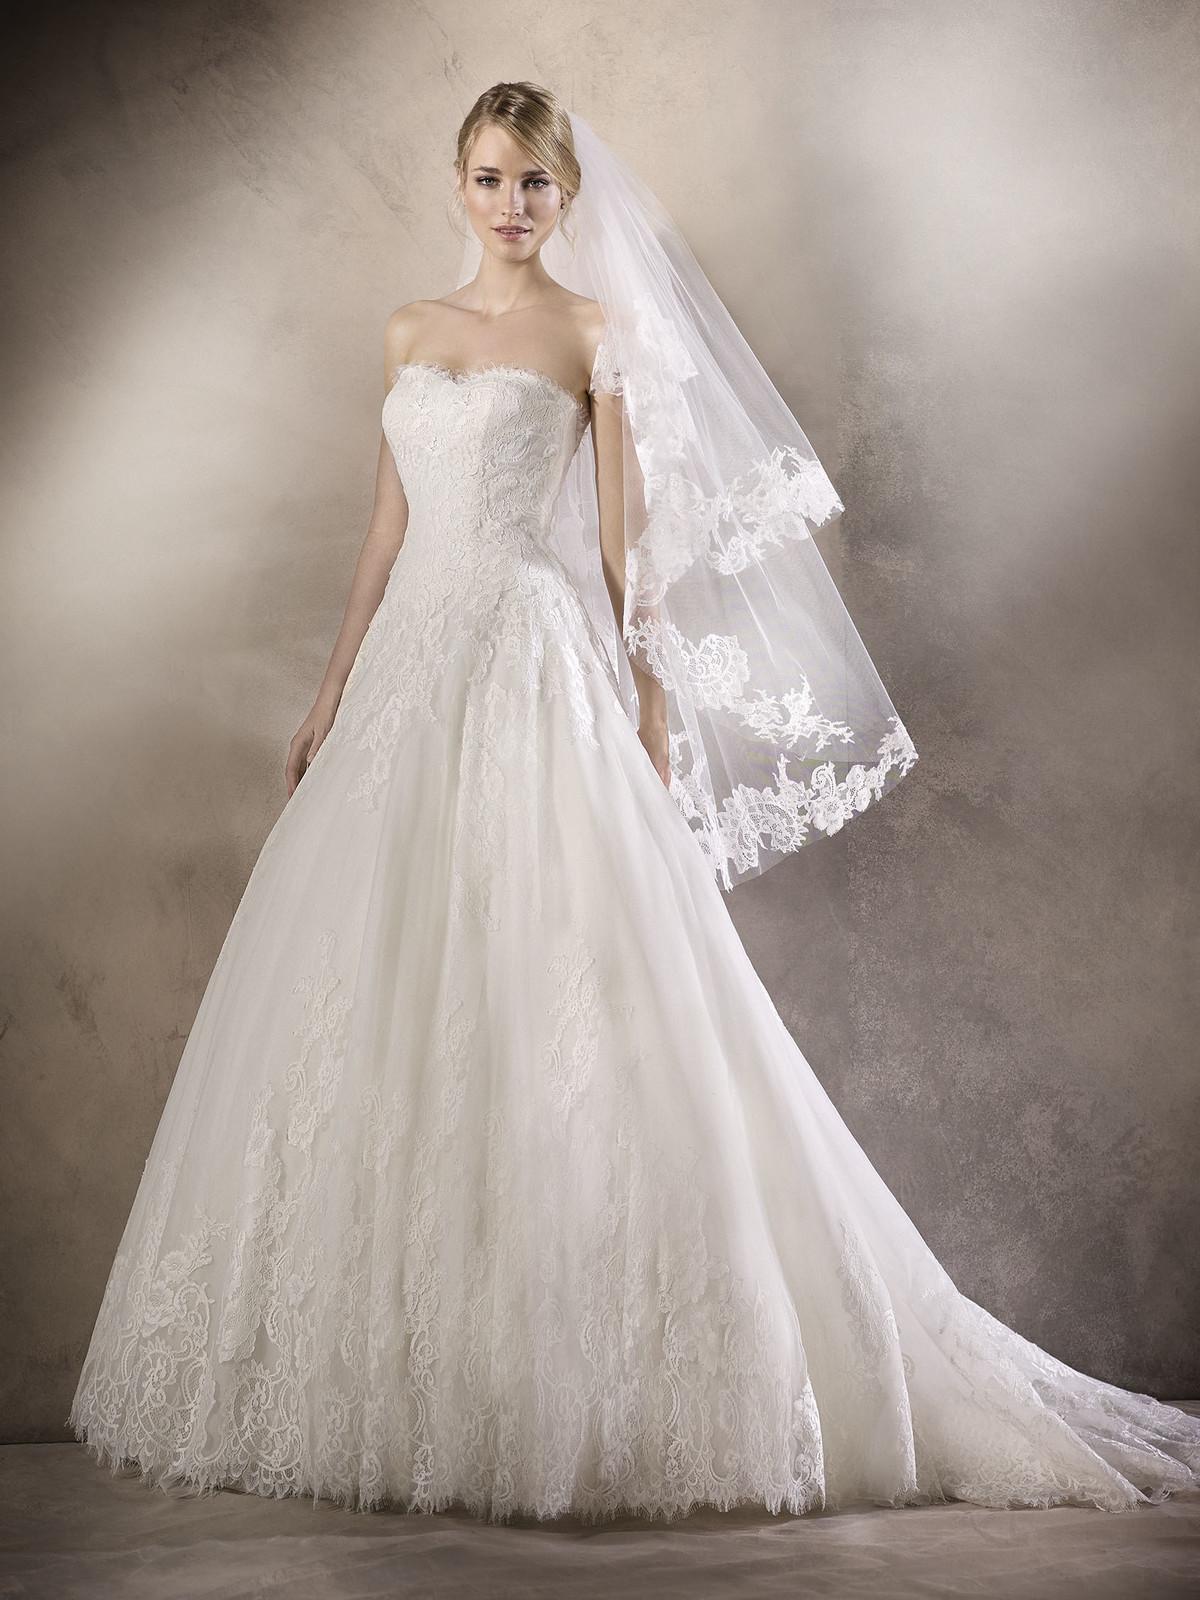 Requintado vestido de noiva estilo princesa em tule, com decote em coração. A renda decora o decote e todo o vestido, conferindo um ar muito romântico, rematado por umas costas com elegantes botões.